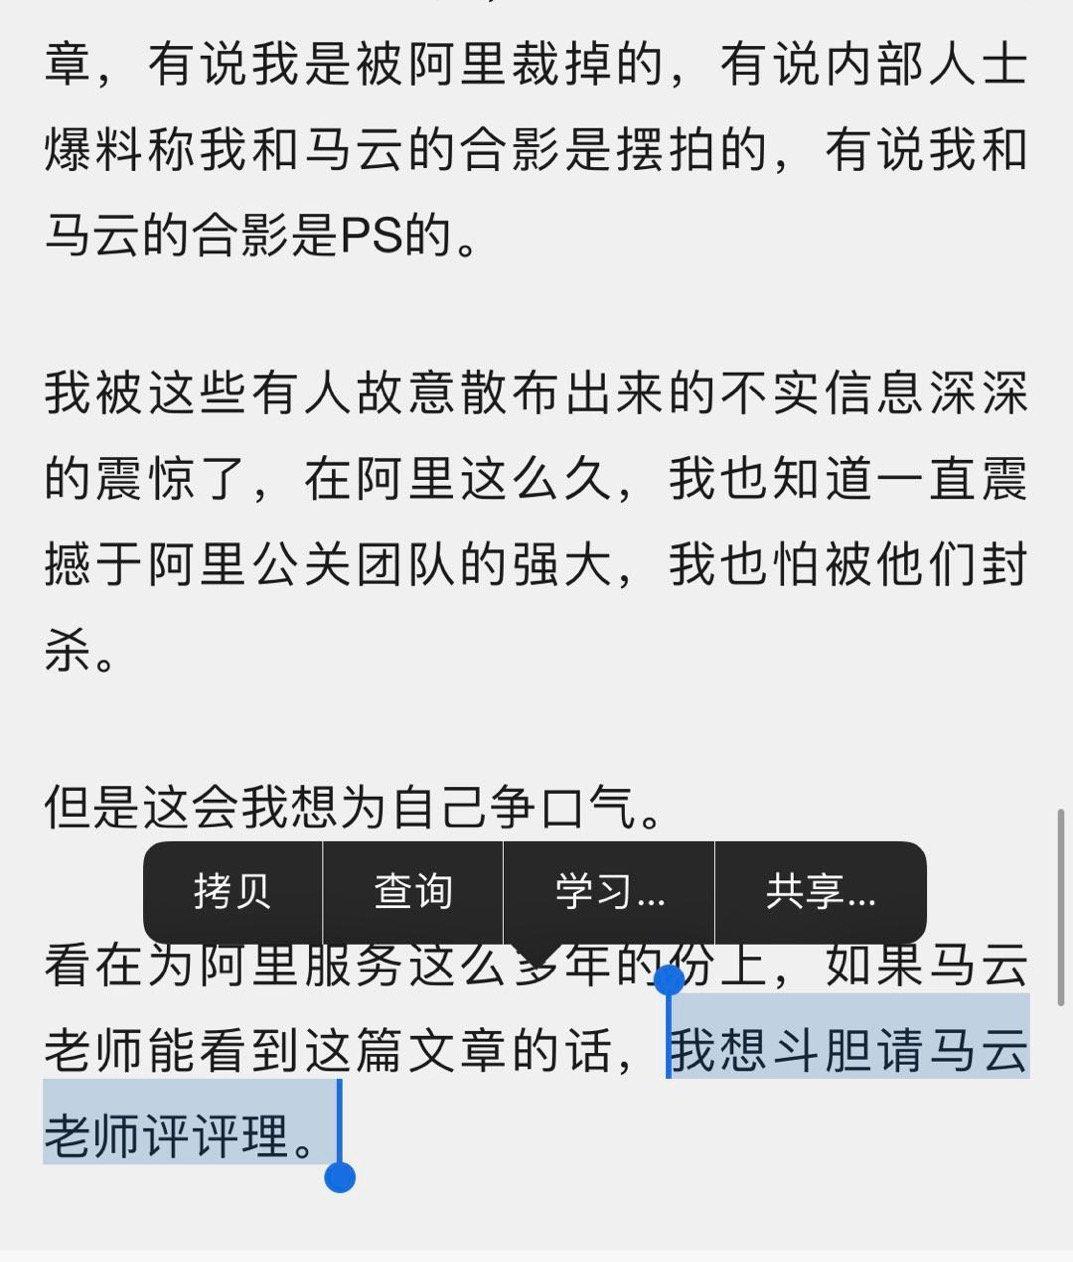 由于王晗的回应点名陈亮,陈亮也与不久后发长文回应。